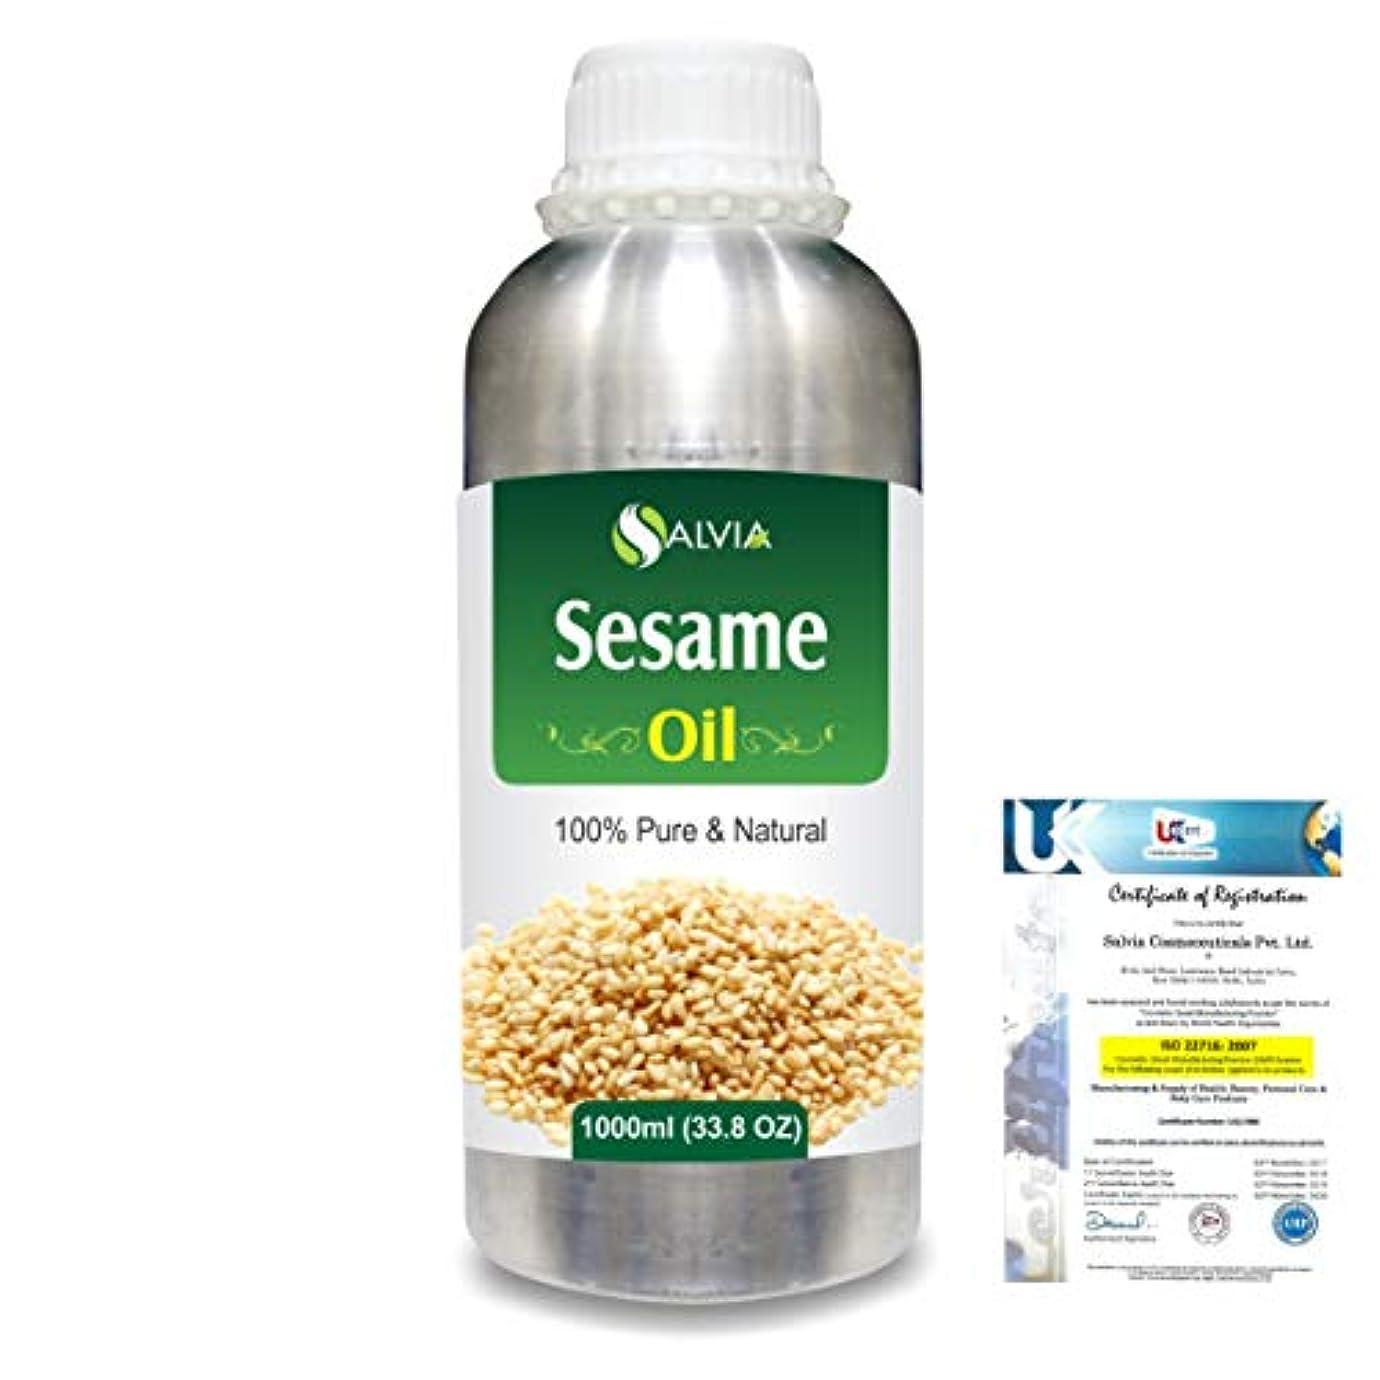 民兵リズミカルな他の日Sesame (Sesamum Indicum) 100% Natural Pure Undiluted Uncut Carrier Oil 1000ml/33.8 fl.oz.